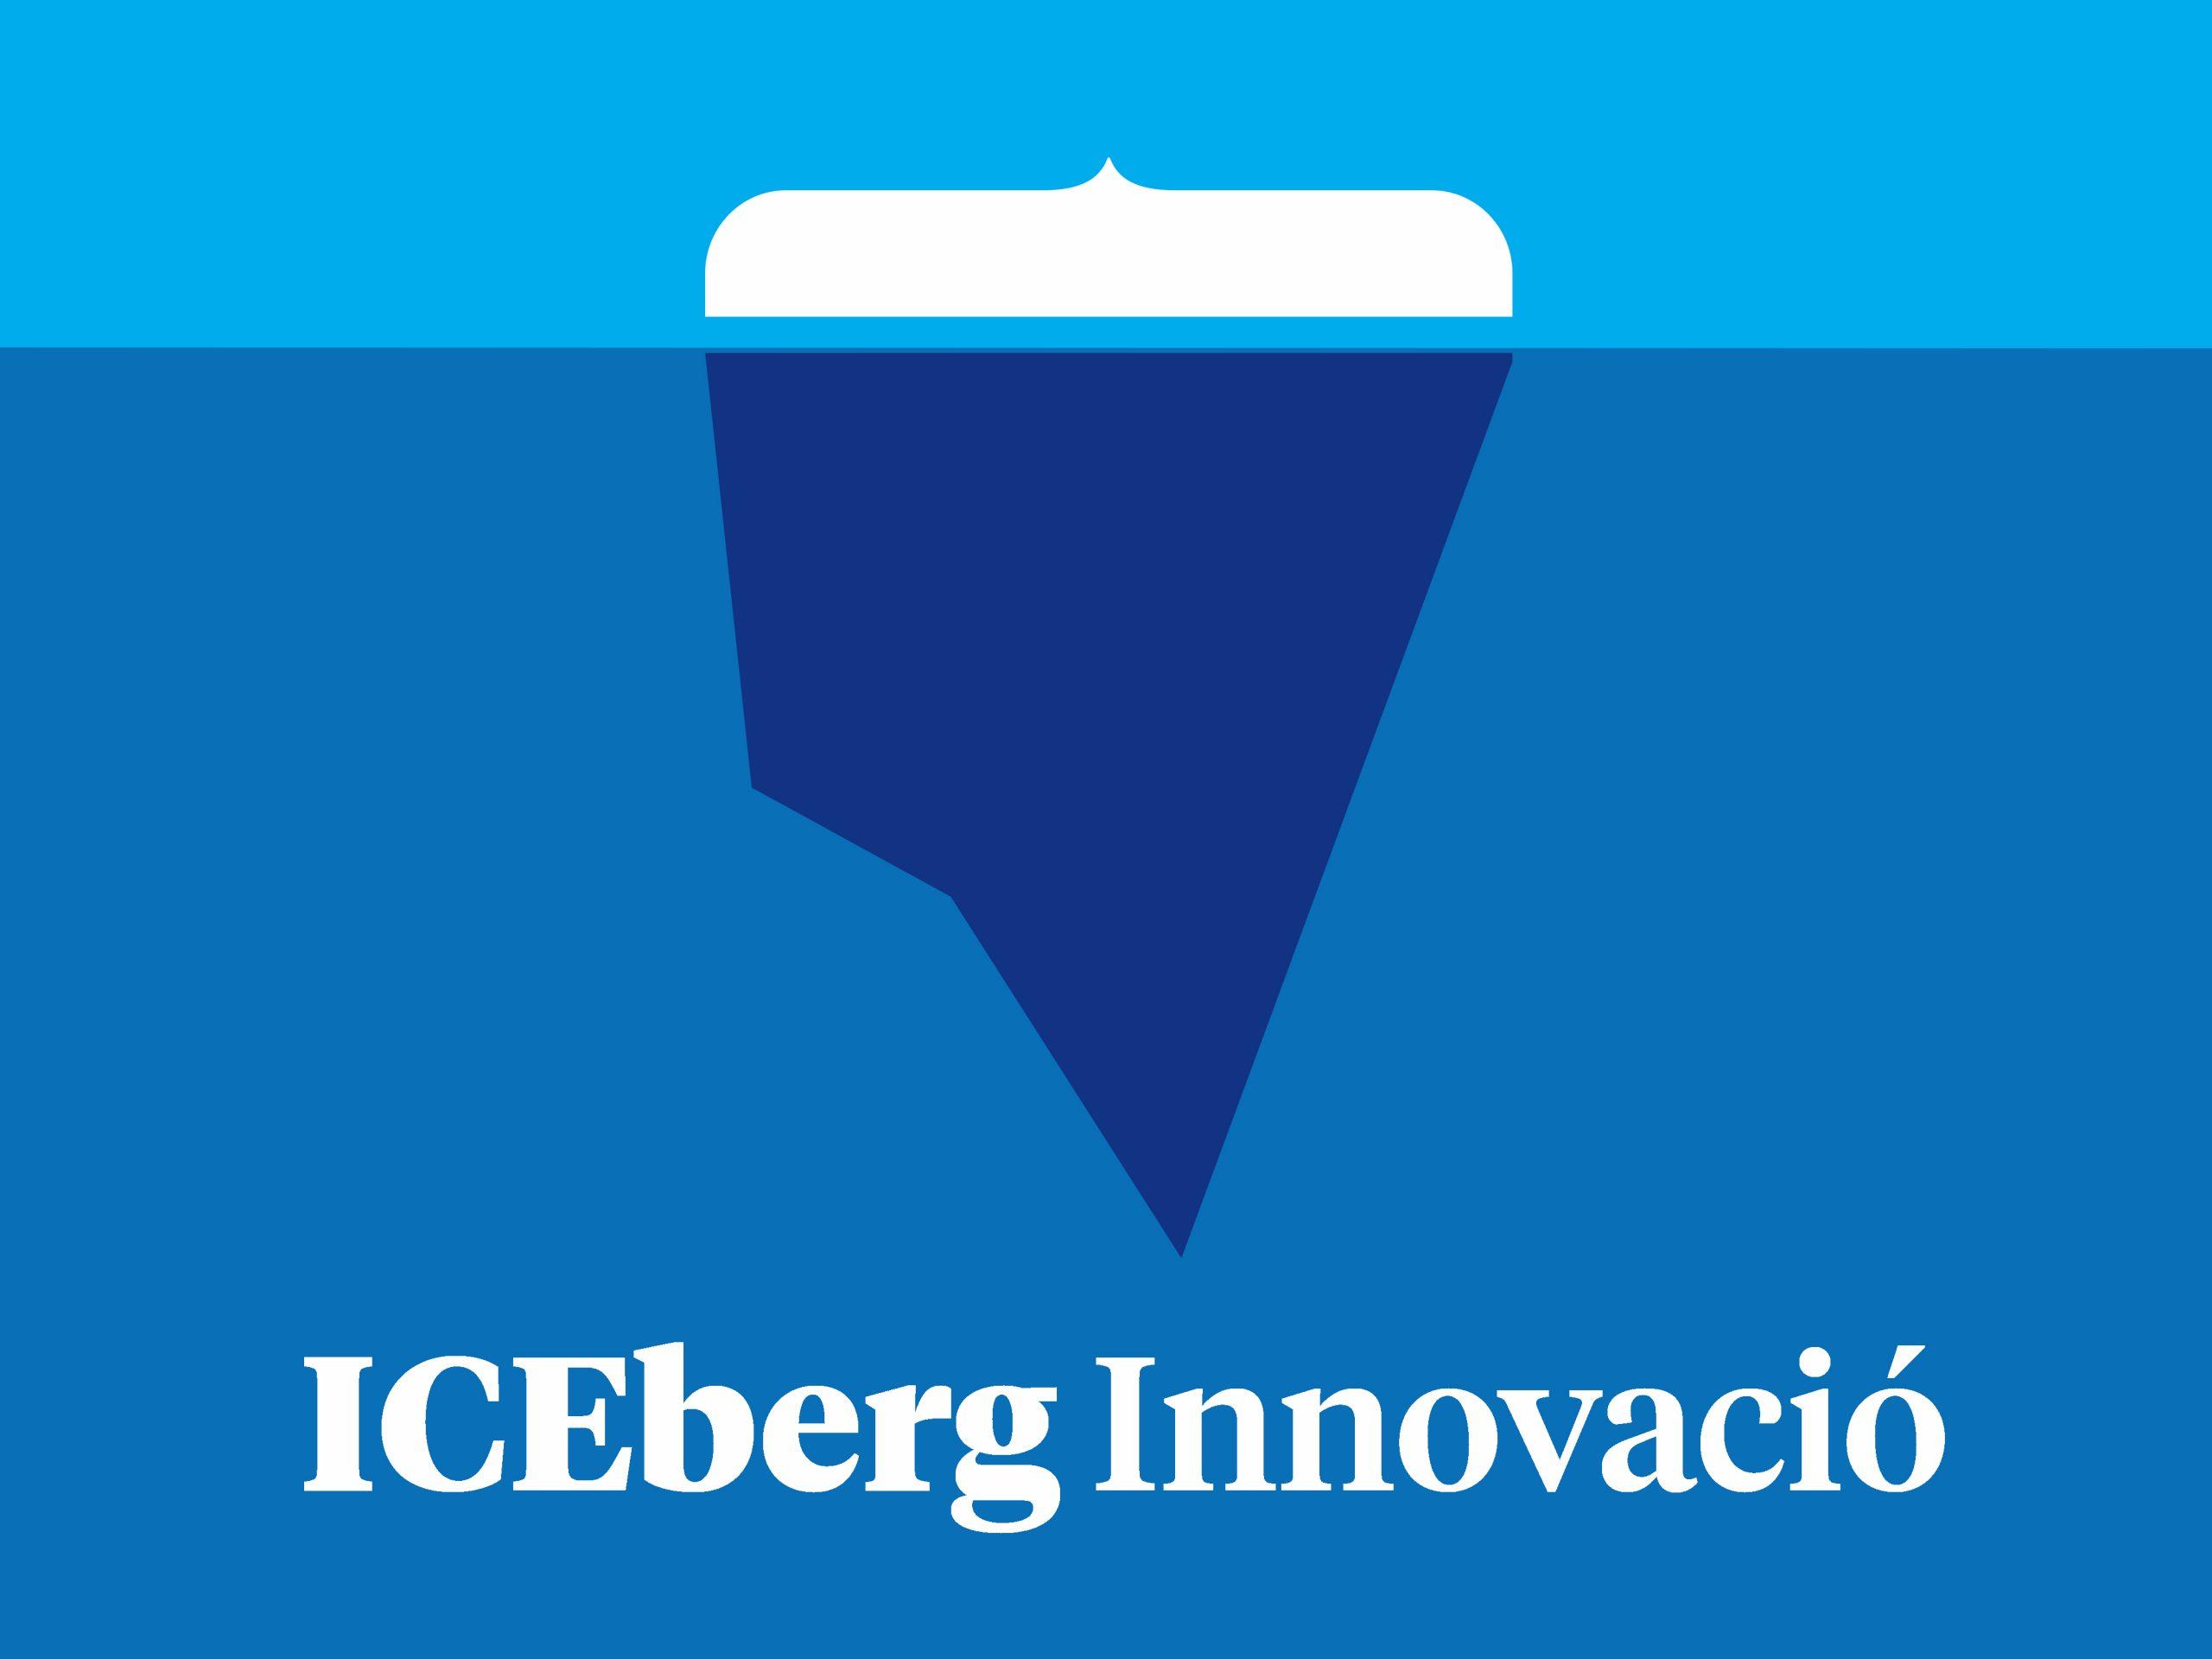 Premi d'innovació docent ICEberg UdG de l'ICE J. Pallach